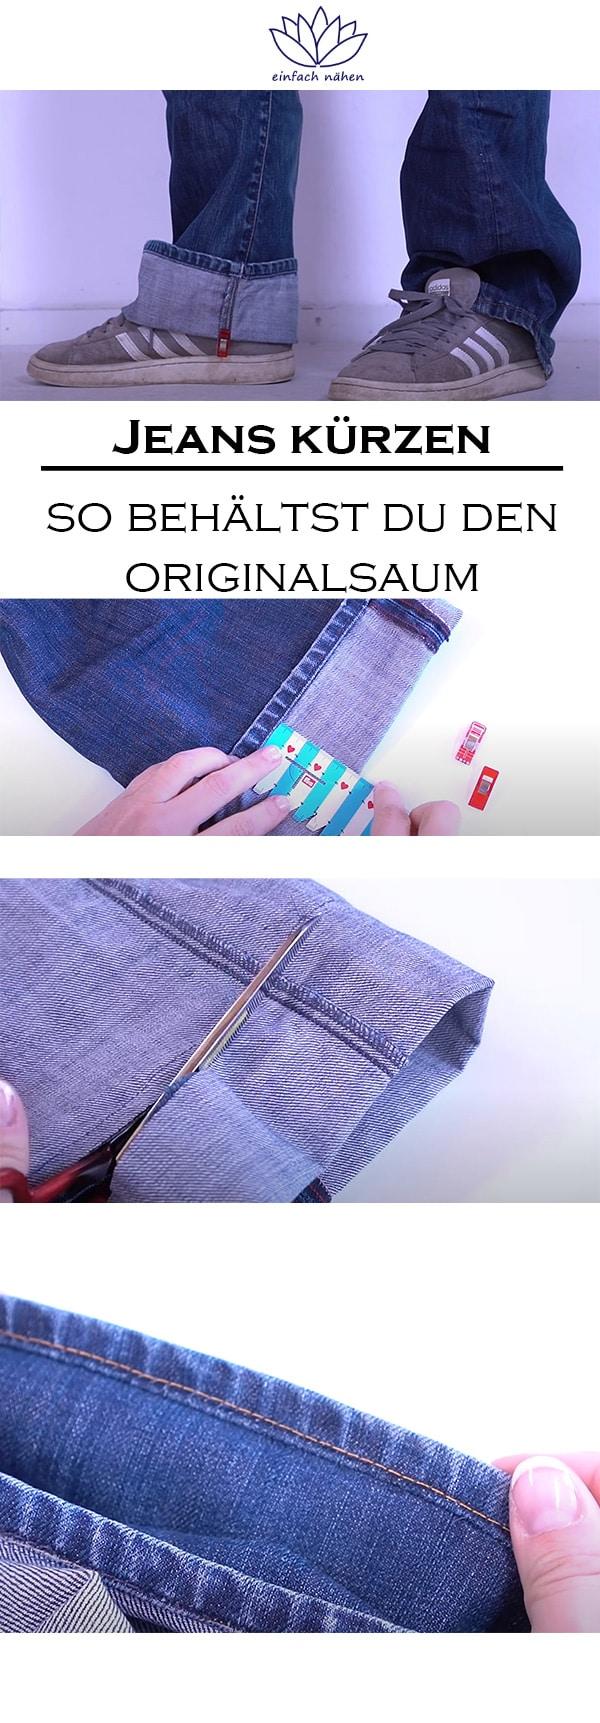 Jeans kürzen mit Originalsaum | einfach nähen lernen mit einfach nähen